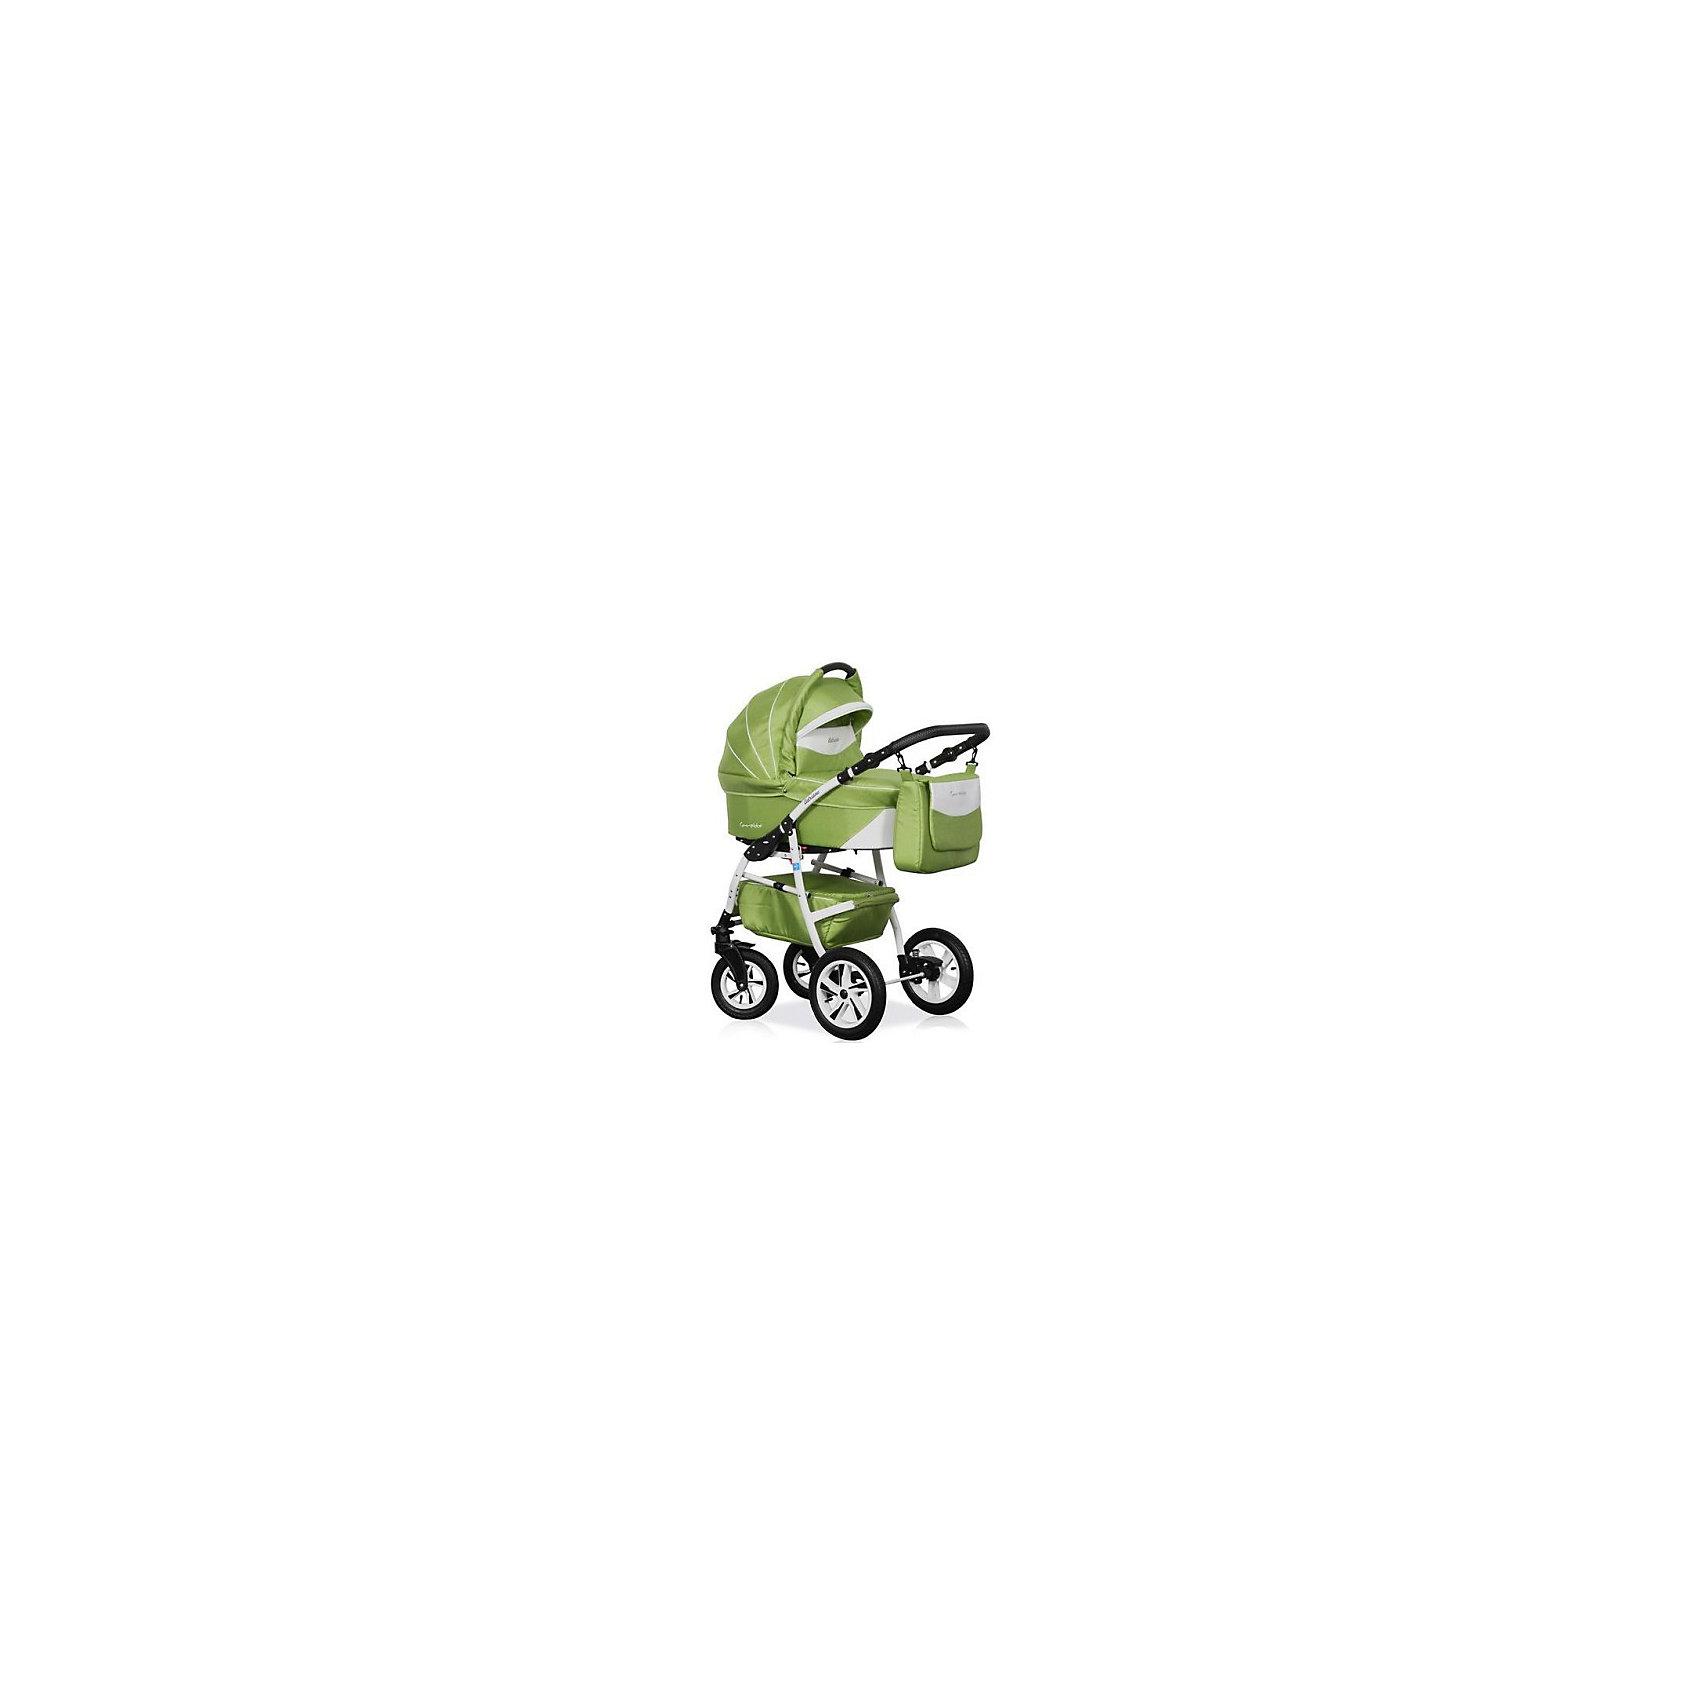 Коляска 2 в 1 Adriano, Caretto, салатовыйКоляска 2 в 1 Adriano, Caretto (Каретто), бронзовый – эта новая, многофункциональная модель детской коляски, предназначенная для детей с рождения и до 3-х лет. Все элементы и детали коляски изготовлены из экологически безопасных материалов. Защита вашего малыша от травм и падений будет обеспечена самыми современными ремнями безопасности. Люлька отличается большим коробом, поэтому даже крупному малышу в ней будет удобно и комфортно.<br>Коляска Caretto Adriano 2 в 1 универсальна в своем использовании: внутренняя обивка выполнена из тонкого хлопкового полотна, что позволяет создавать и поддерживать комфортную температуру в любое время года: зимой она защитит малыша от ветра и снега, летом ? от жары, солнца или дождя. Все текстильные элементы легко очищаются от загрязнений.<br>Cтиль коляски Caretto Adriano 2 в 1 отвечает современным модным тенденциям: яркость расцветок сочетается с изящными дополнительными деталями и аксессуарами.<br>Коляска Каретто 2 в 1 ? это комфорт для малыша и удобство для мамы.<br><br>Дополнительная информация:<br><br>- Механизм складывания: книжка<br>- Цвет: салатовый<br>- Сезон: зима-лето<br>- Комплектация: прогулочный блок, шасси, люлька, сумка для мамы, накидка на ножки, москитная сетка, дождевик, матрасик в люльку<br>- Ширина шасси: 61 см<br>- Диаметр колес: передние – 24 см, задние, надувные – 29 см<br>- Ручка: регулируемая, 4 положения<br>- Размер люльки (ДxШ): 77х35<br>- Размер (ДxВхШ): 90х56х62 см<br>- Материал: плотная водоотталкивающая ткань (внешняя обивка), тонкая хлопковая ткань (внутренняя обивка)<br>- Вес 24,0 кг<br><br>Подробнее:<br><br>- Для детей в возрасте: от 0 месяцев до 3 лет<br><br>Страна производитель: Польша<br><br>Коляску 2 в 1 Adriano, Caretto, салатовый можно купить в нашем интернет-магазине.<br><br>Ширина мм: 900<br>Глубина мм: 620<br>Высота мм: 560<br>Вес г: 24000<br>Возраст от месяцев: 0<br>Возраст до месяцев: 36<br>Пол: Унисекс<br>Возраст: Детский<br>SKU: 4855044